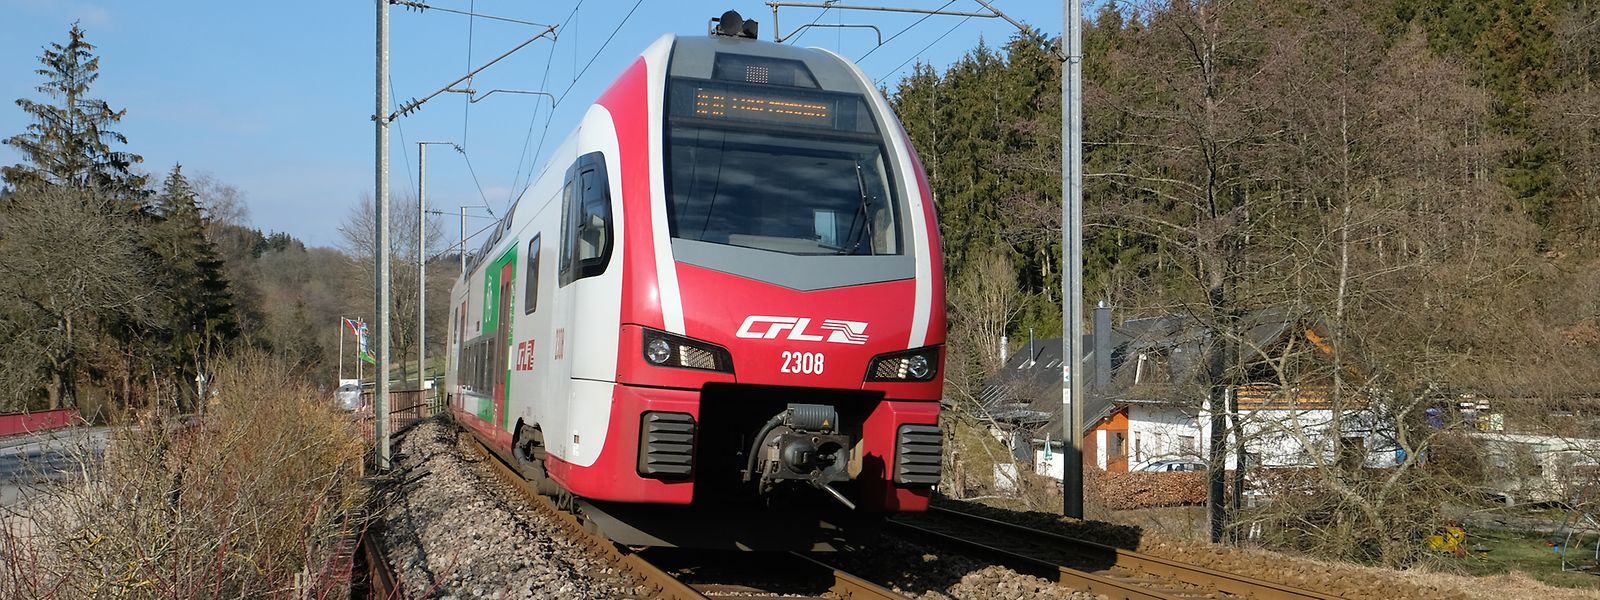 Si les locomotives passagers sont électriques, nombre des machines en service pour les CFL fonctionnent encore au diesel.